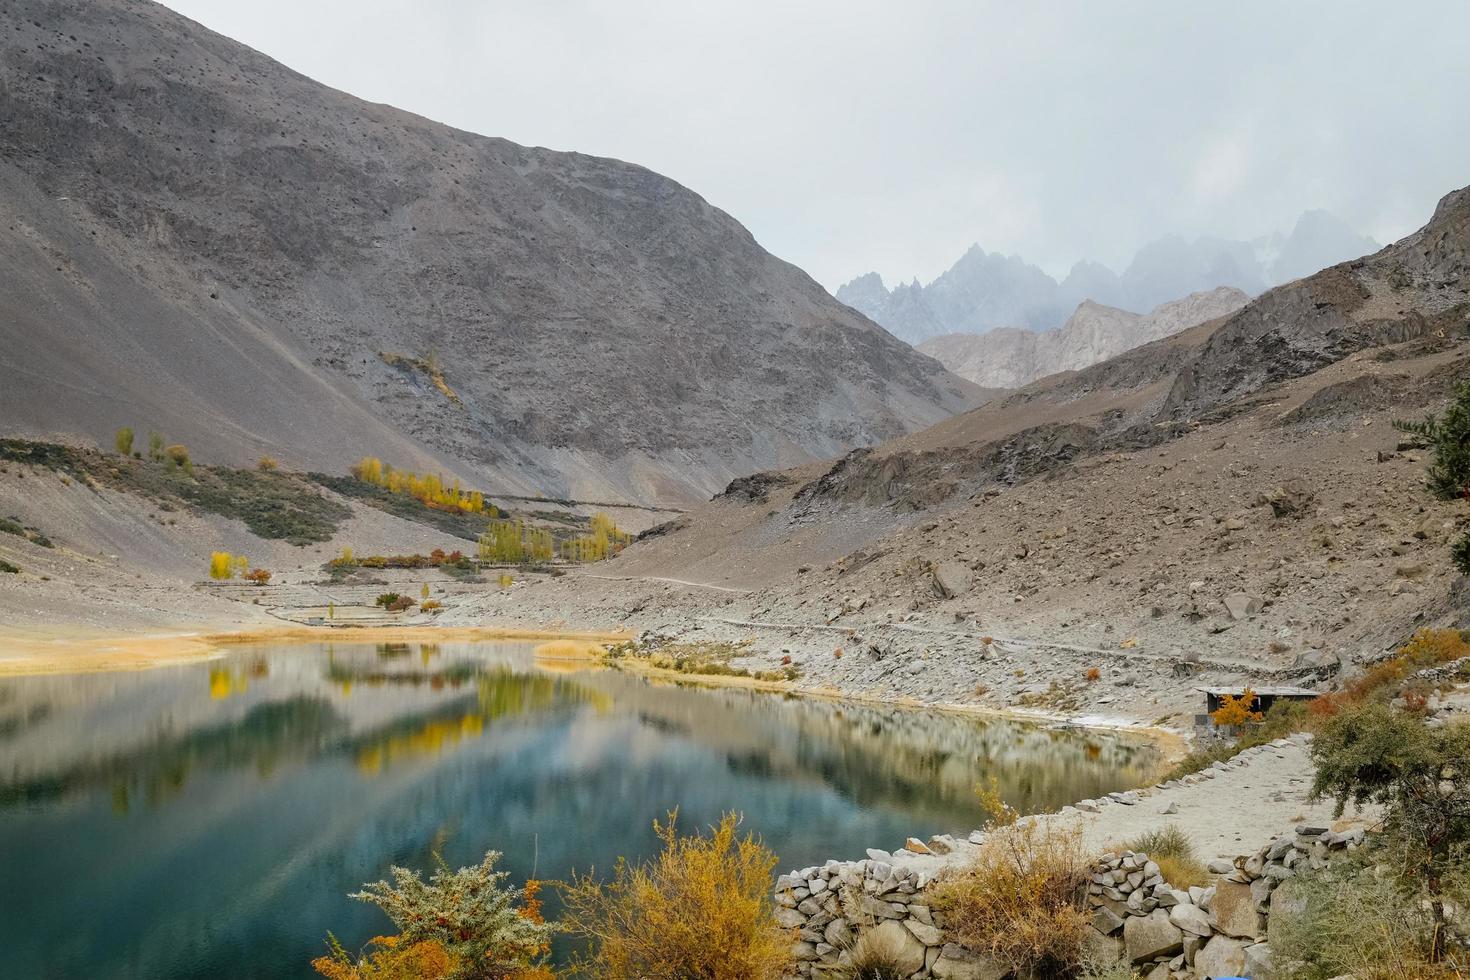 vue paysage du lac borith photo